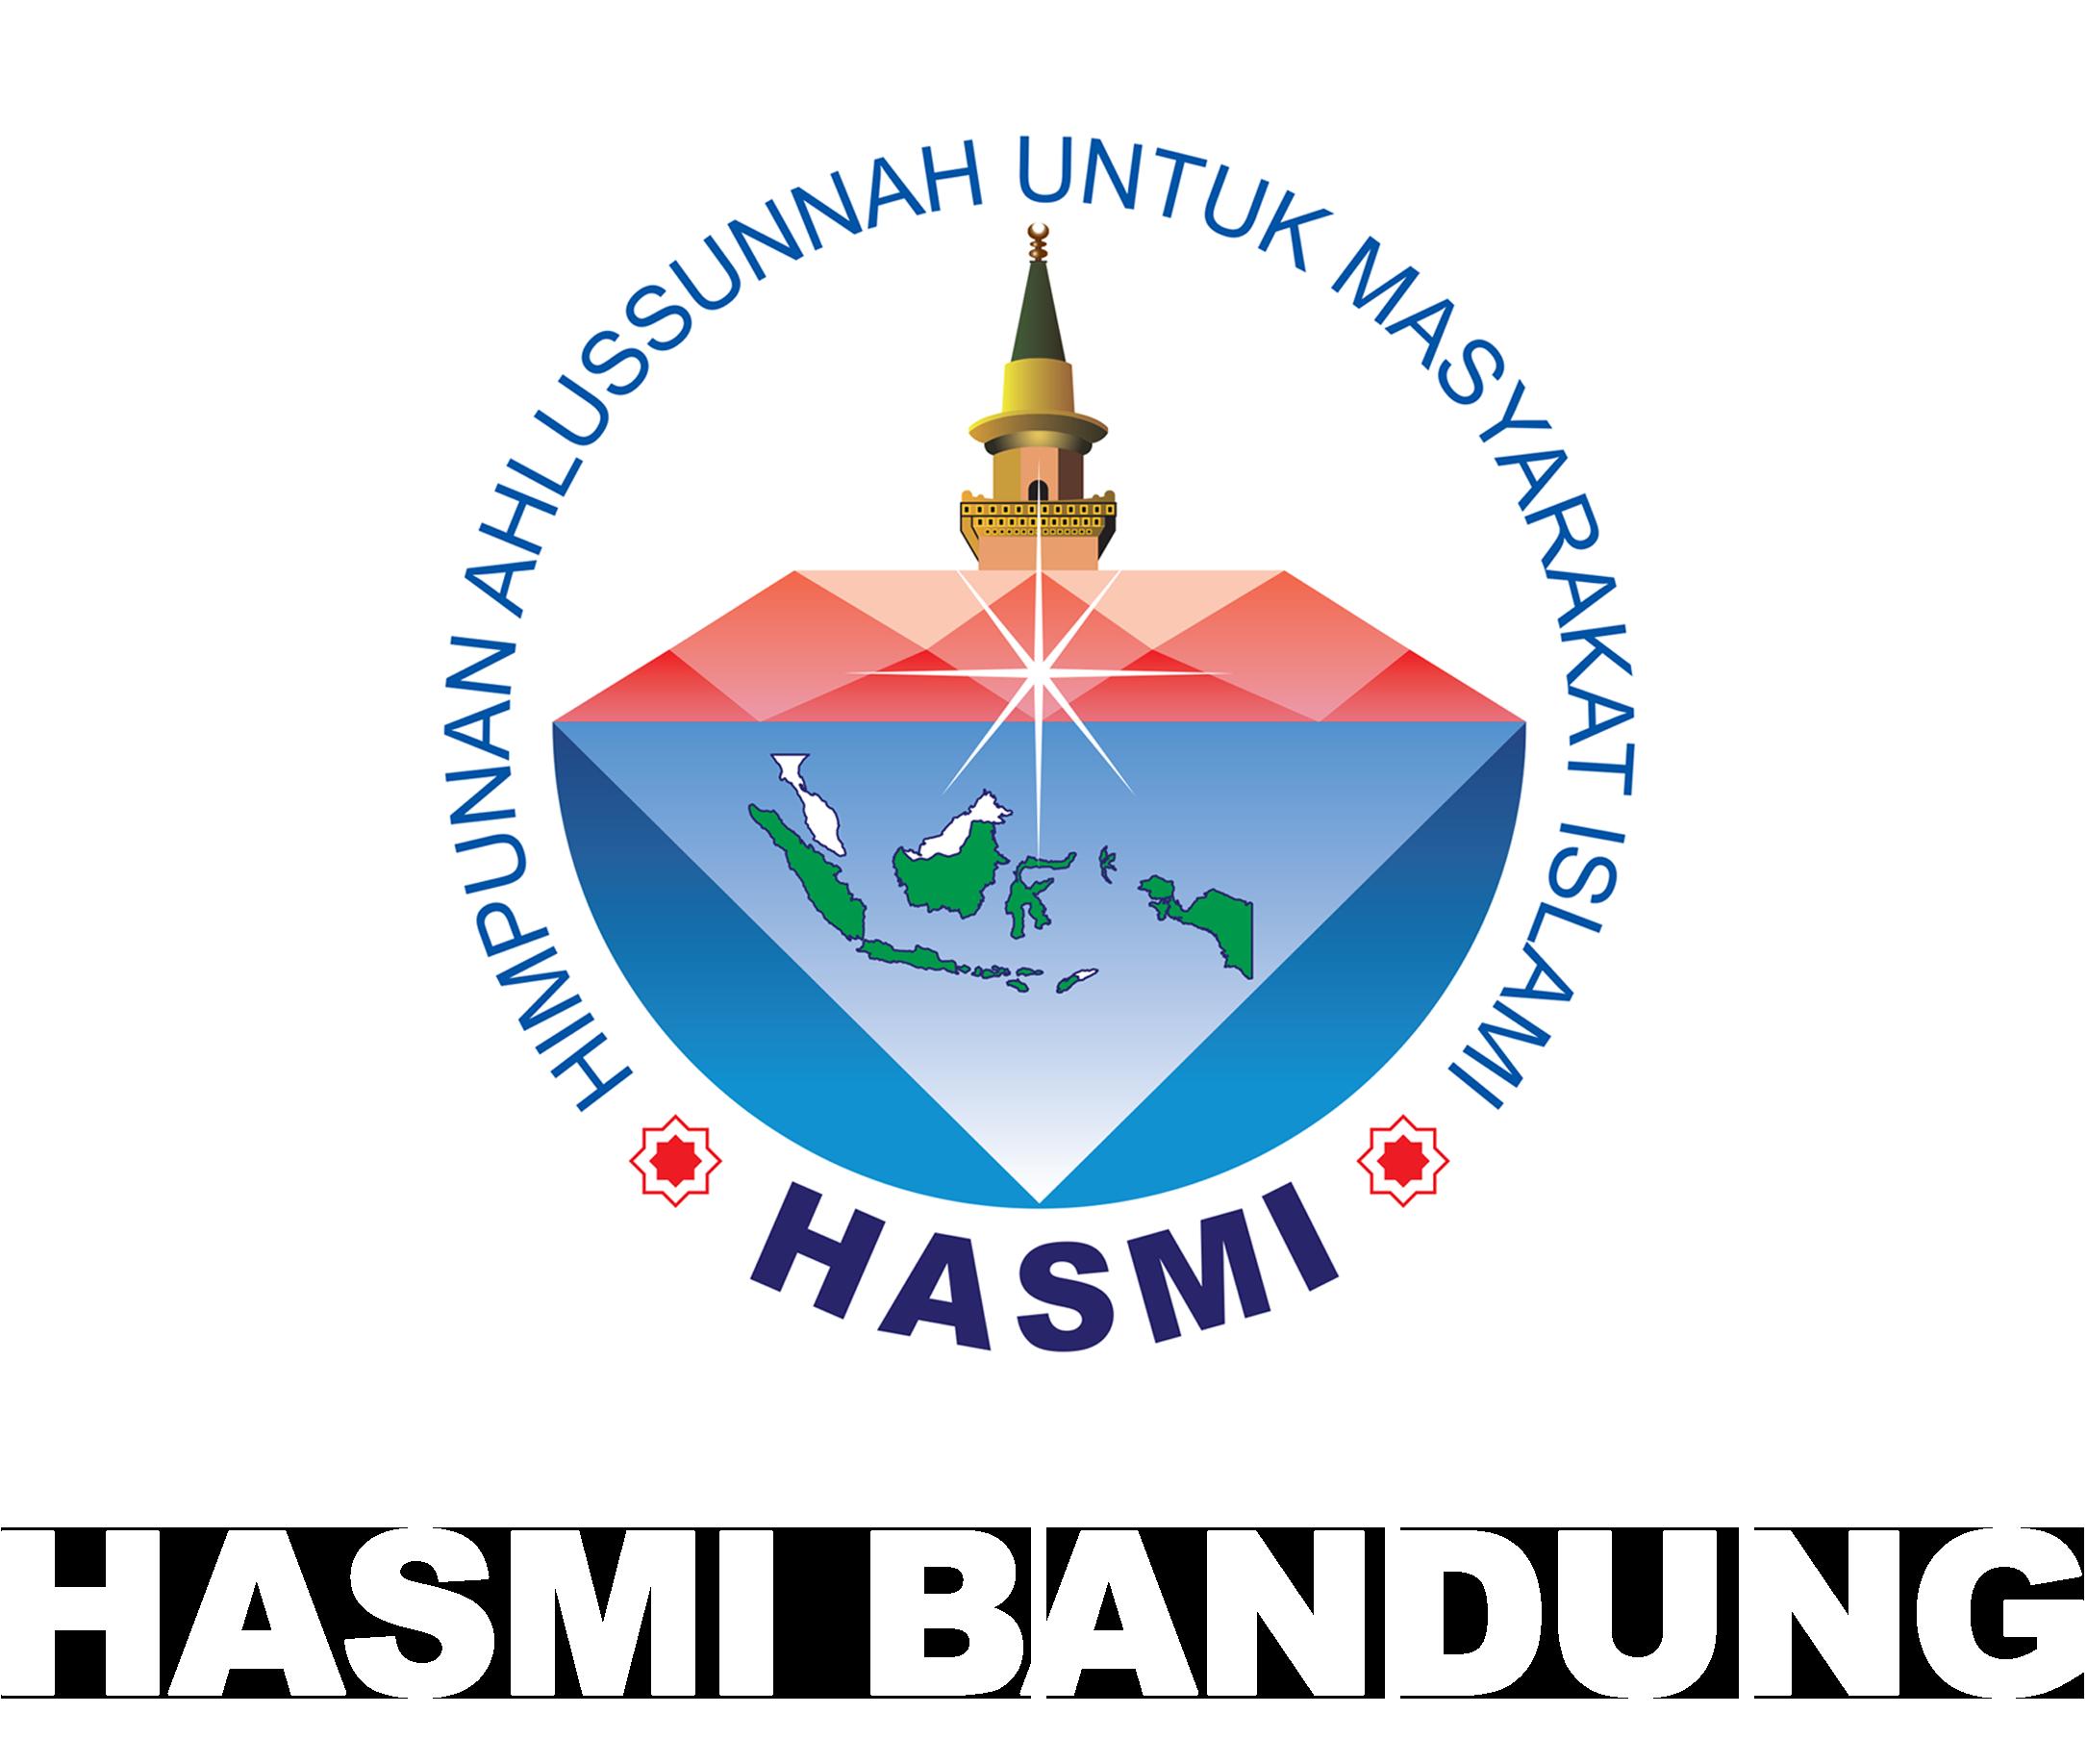 HASMI BANDUNG